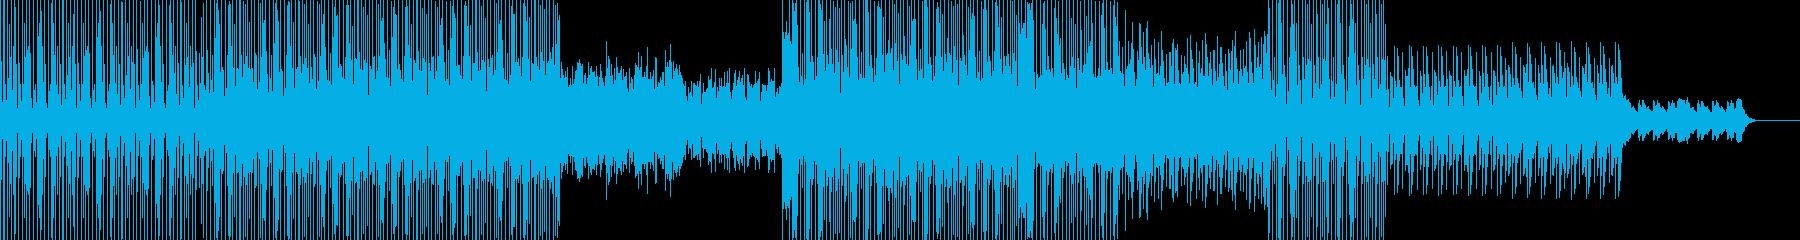 インド風 テクノの再生済みの波形